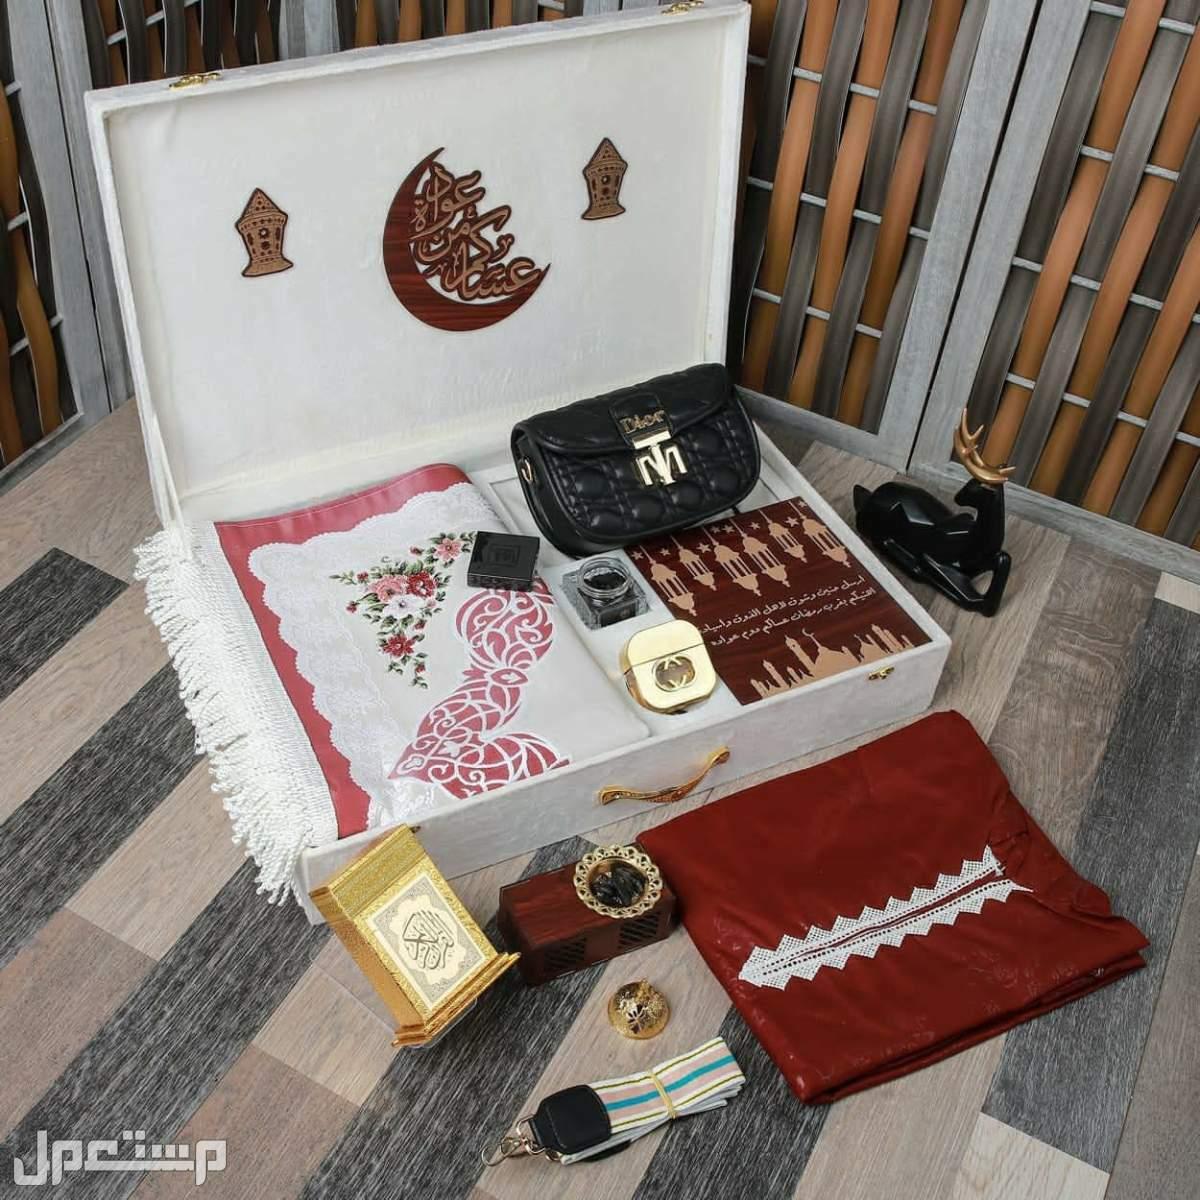 بوكس هدايا نسائي  رمضاني  تصميم العبارة ع البوكس  حسب الطلب